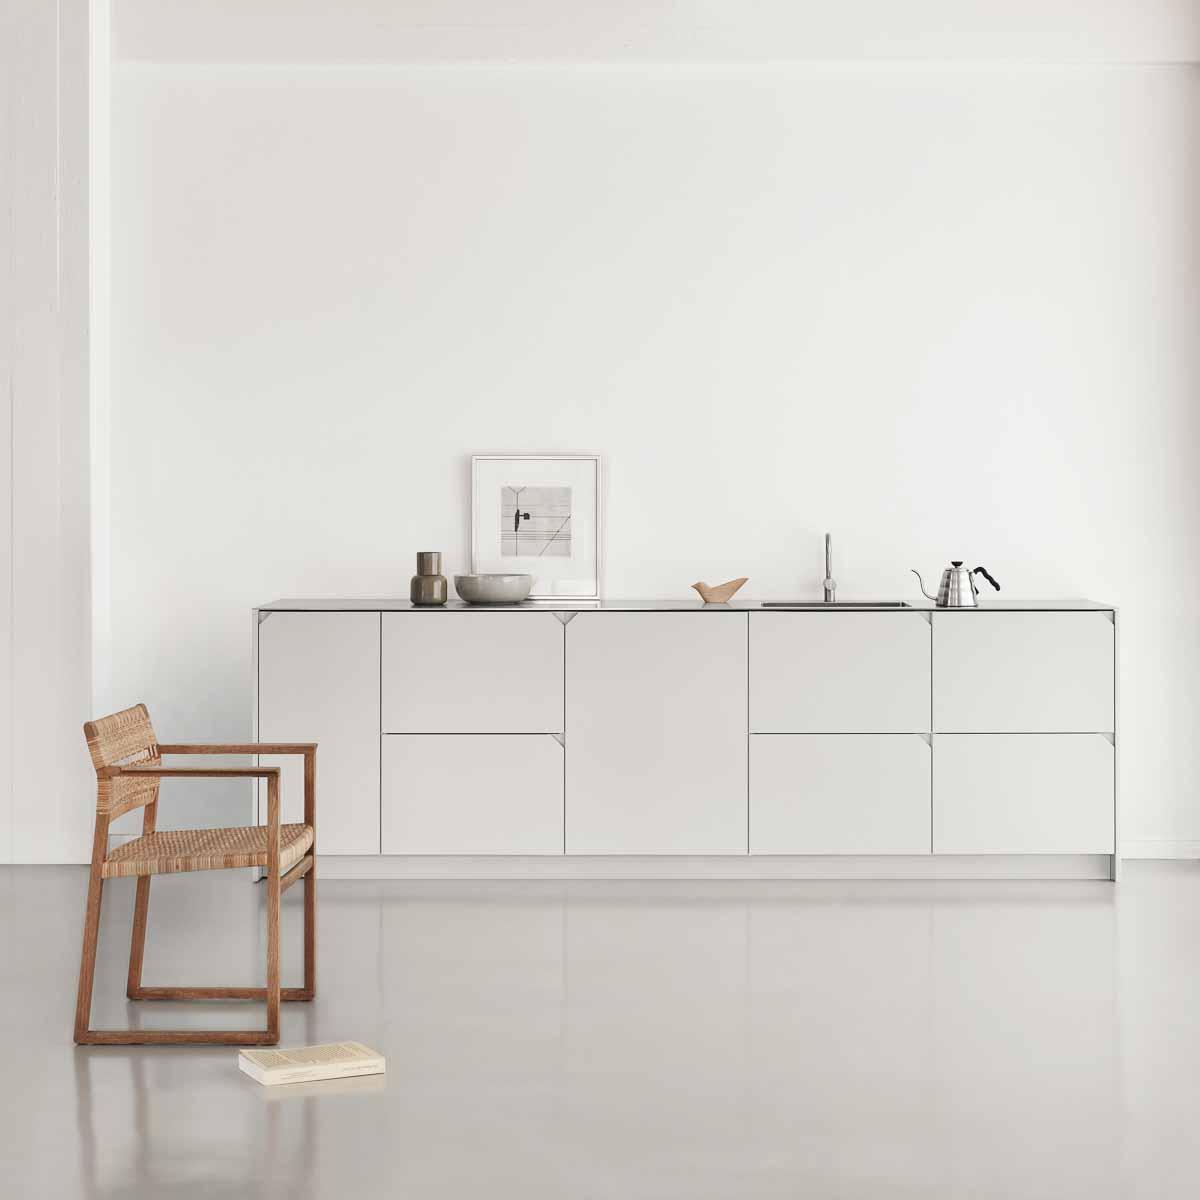 Küchenfronten für Ikea Küchen von Reform-2